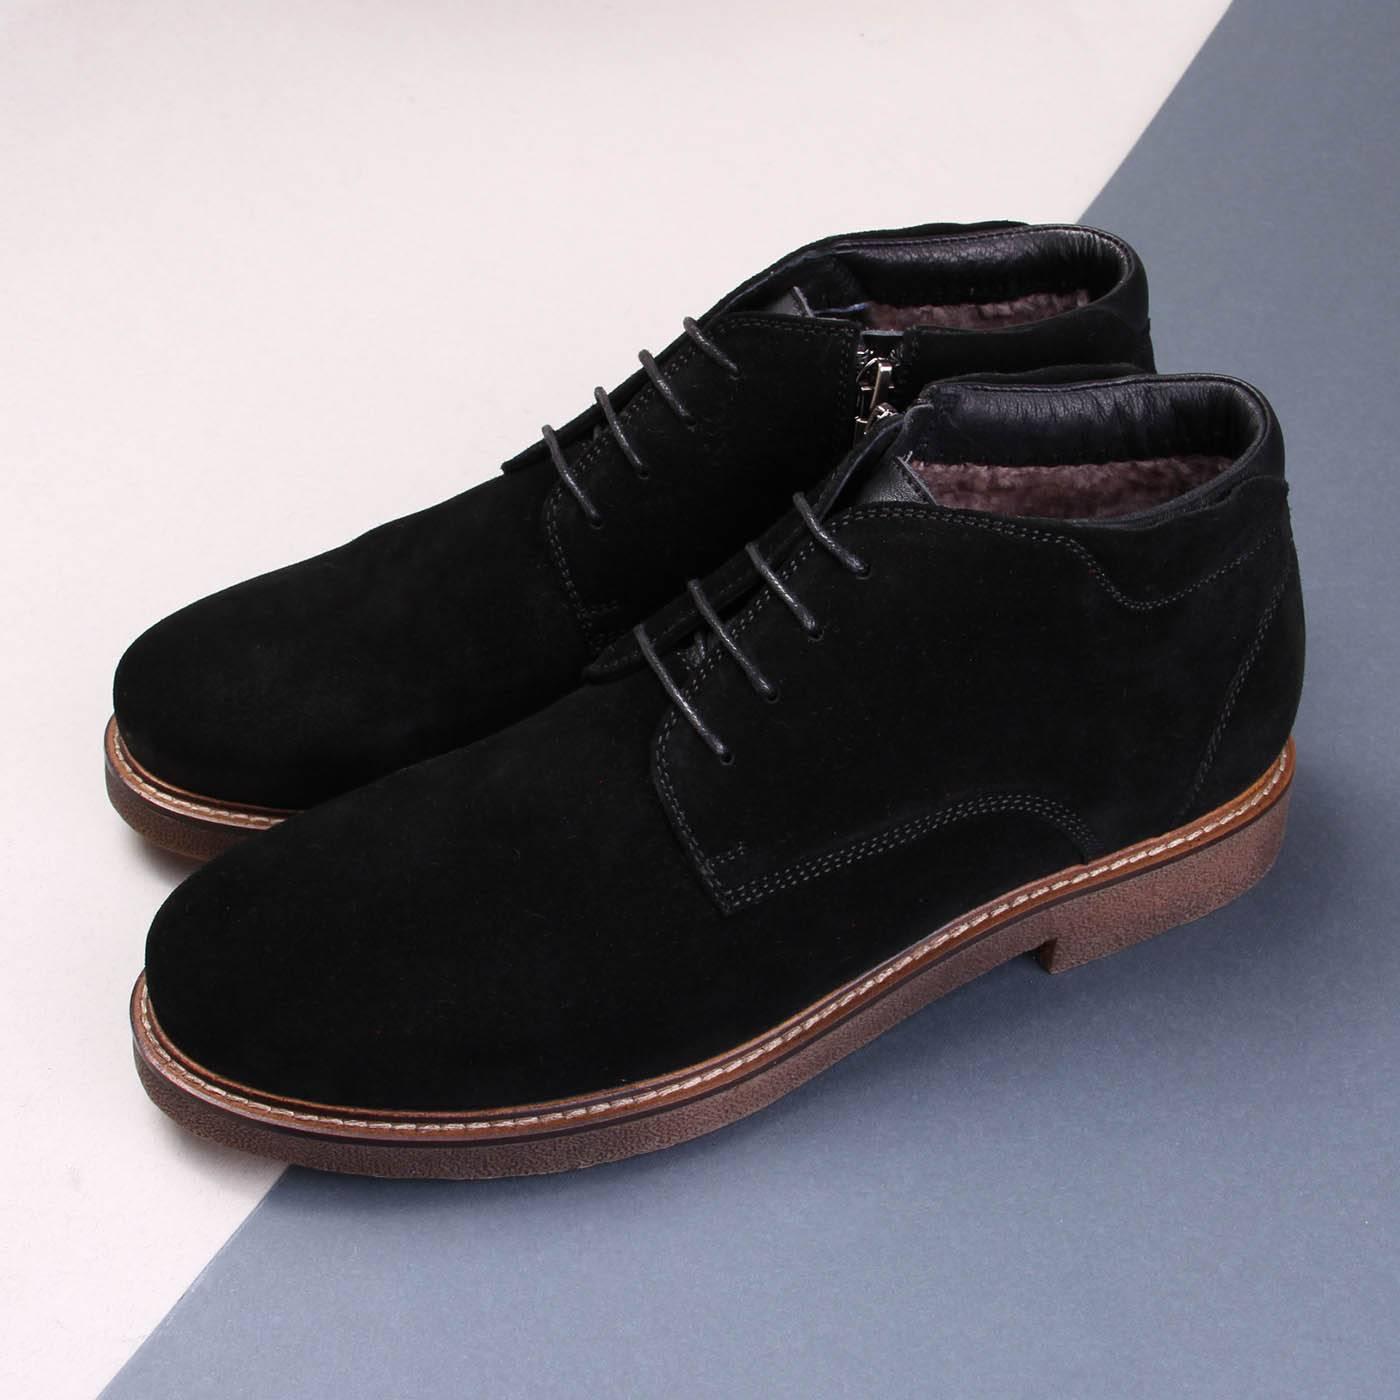 3f8f6120bd9be2 Черевики чоловічі ditto 6308 Чорний купить по выгодной цене в ...